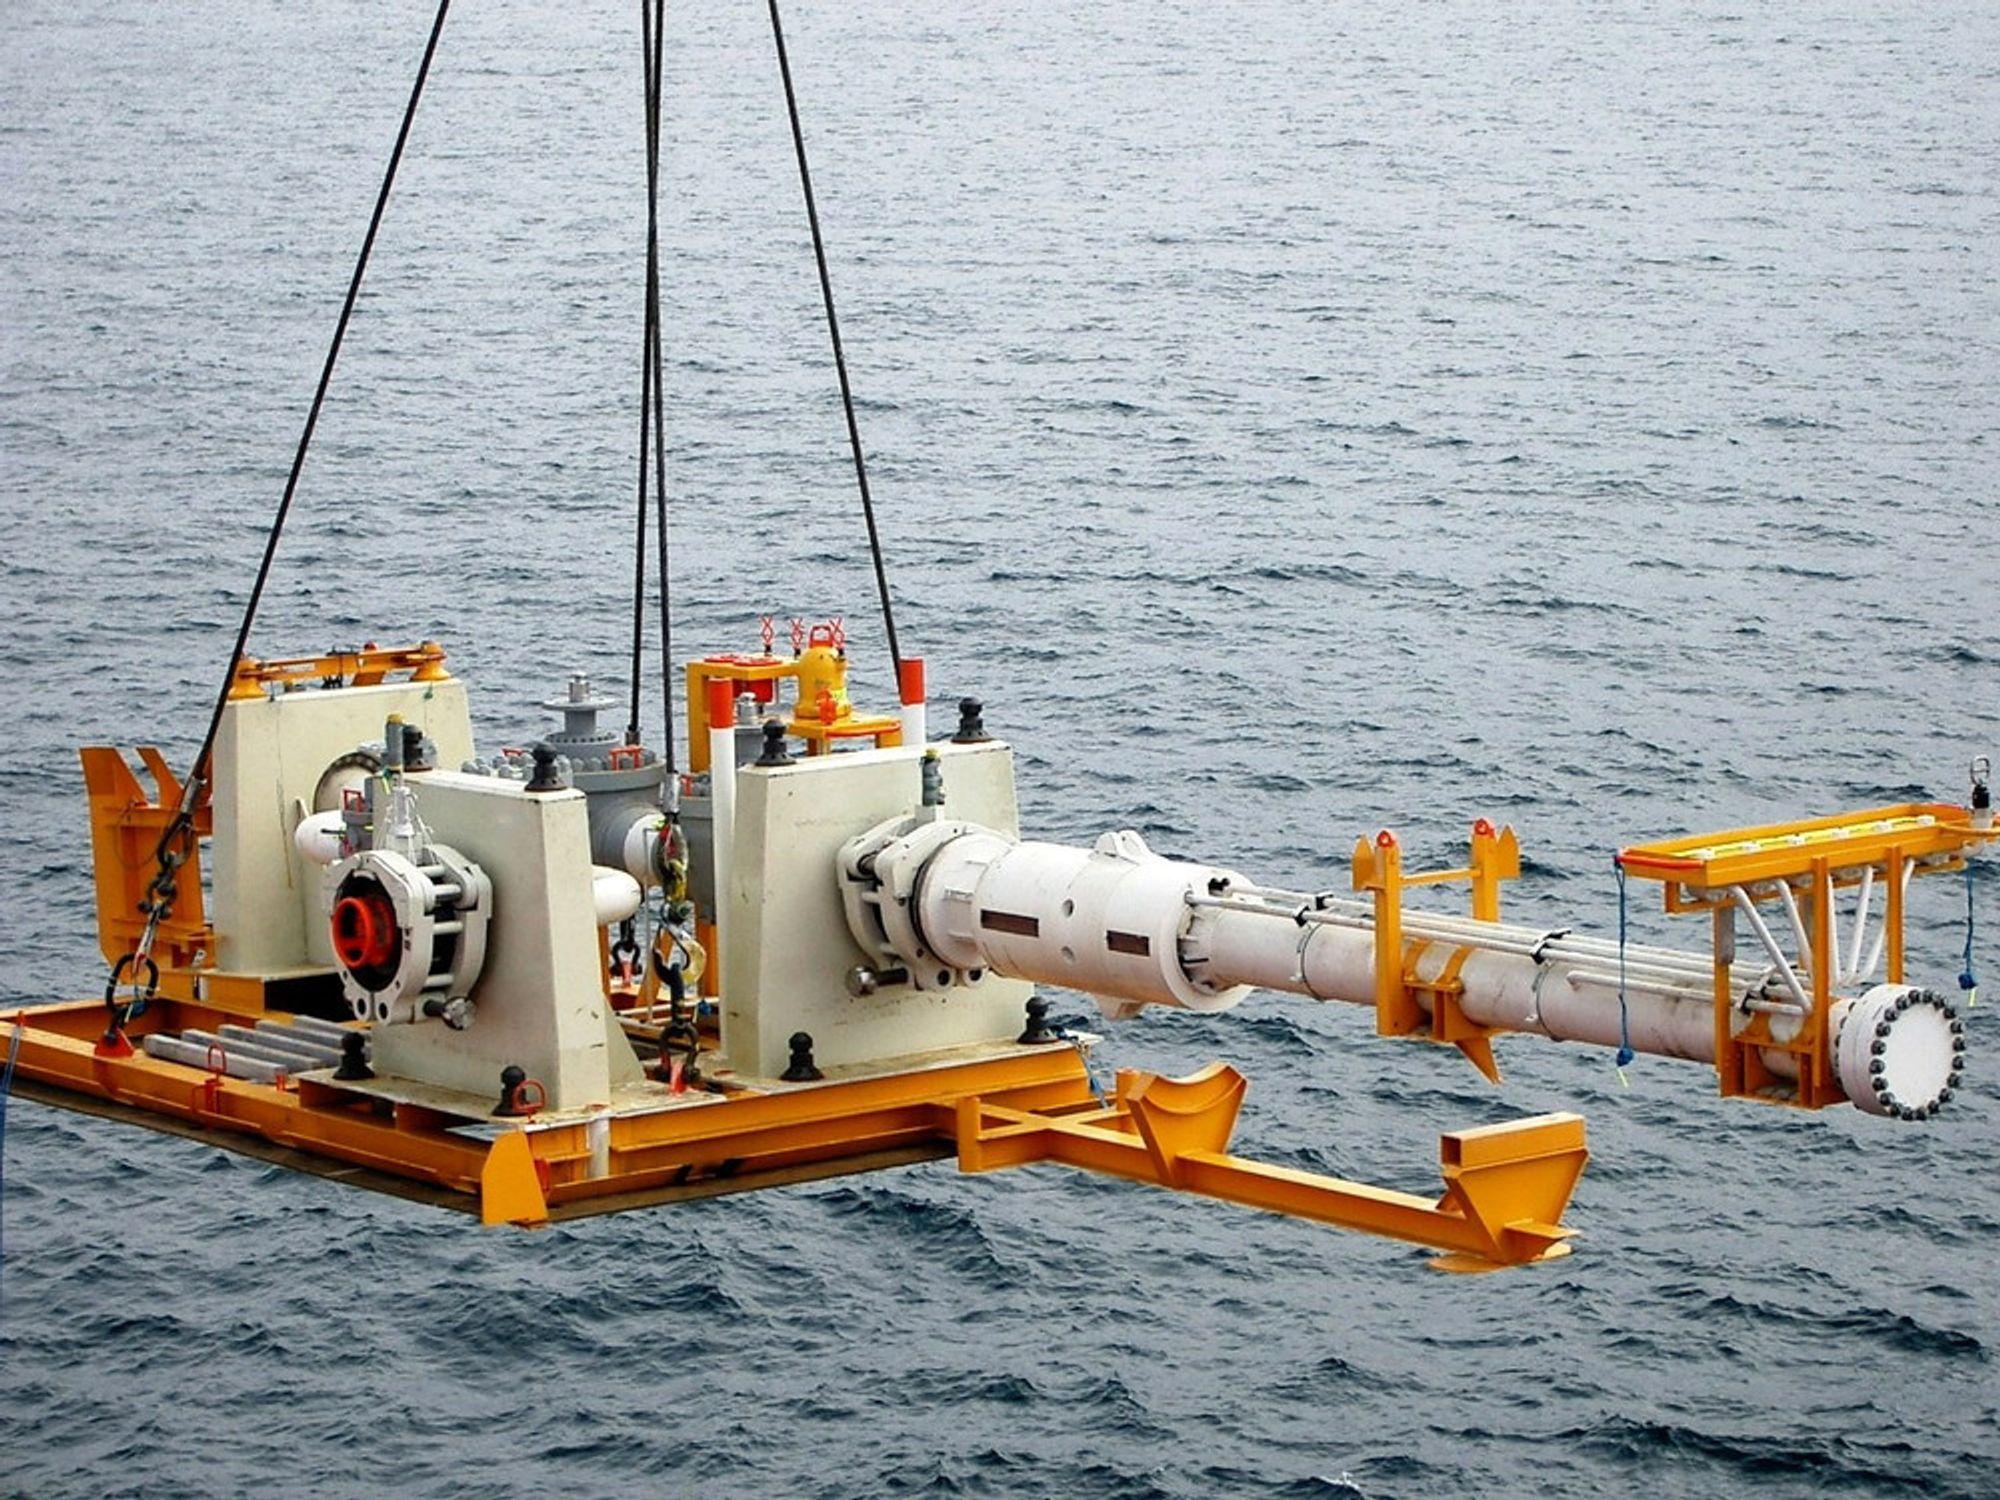 Kongsberg fikk kontrakt på levering av undervannsstrukturer, koblingssystemer og forgreininger til Polarled, rørledningen som skal ta gass fra Norskehavet til eksisterende infrastruktur og ut til markedene. Men hvilken plass har norsk gass i fremtidens Europa?